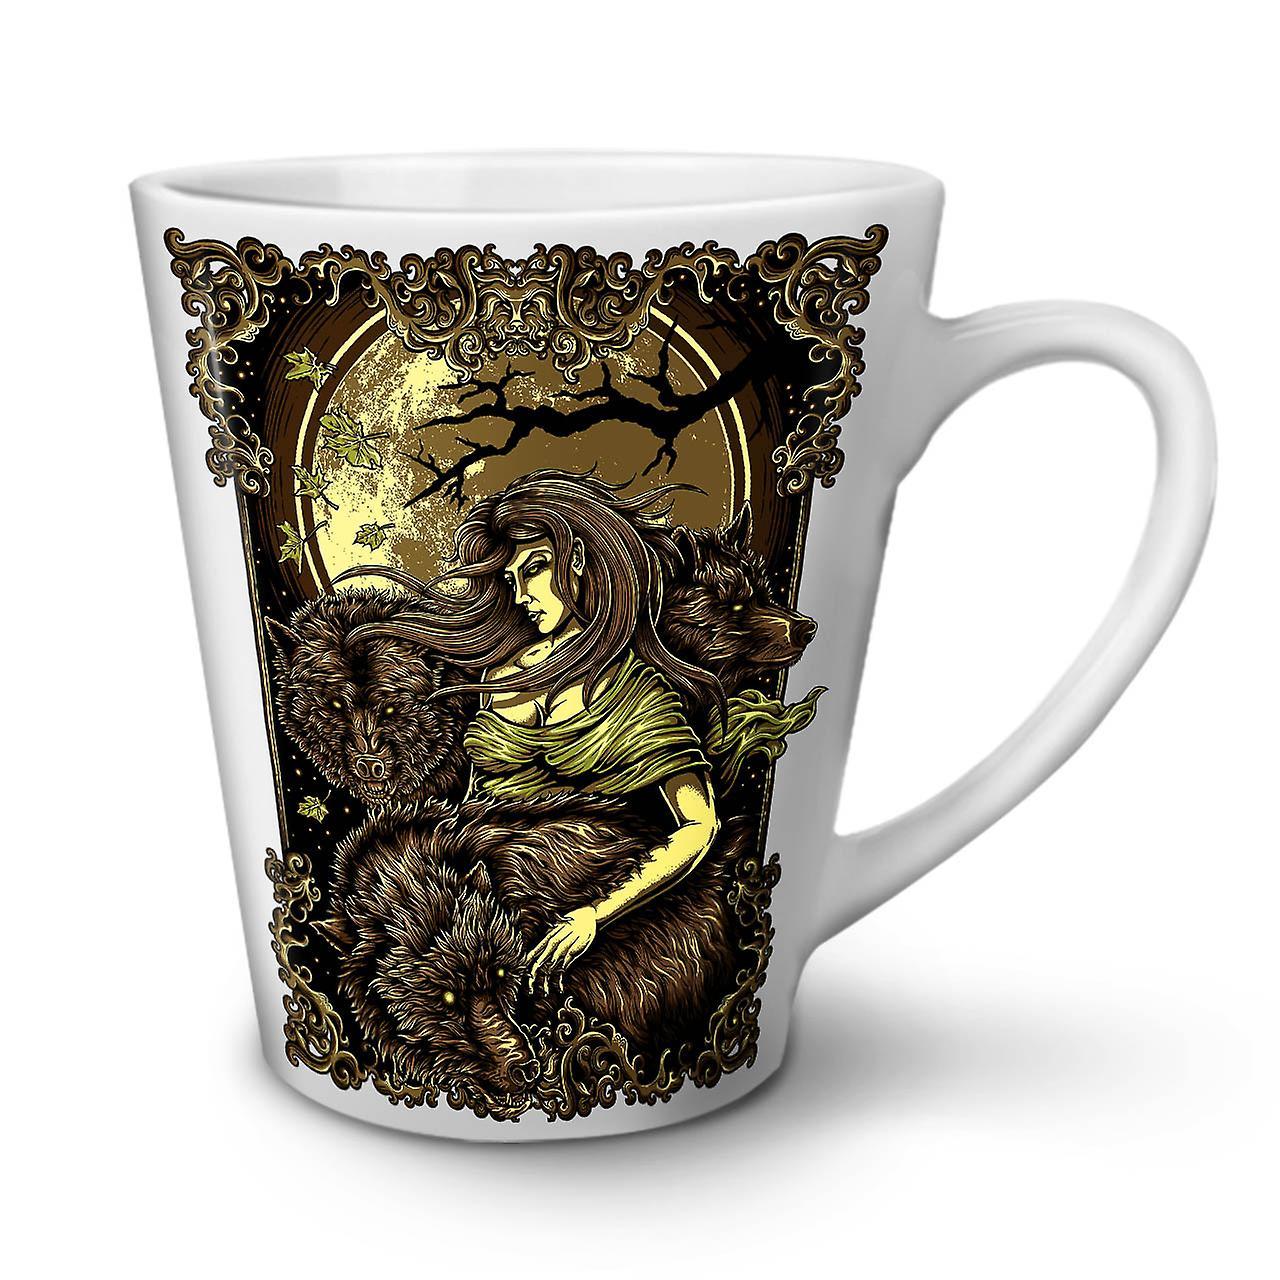 Céramique Café Blanche Mère 12 Fantastique Tasse OzWellcoda En Latte Nature Nouvelle qUMpGVjLSz